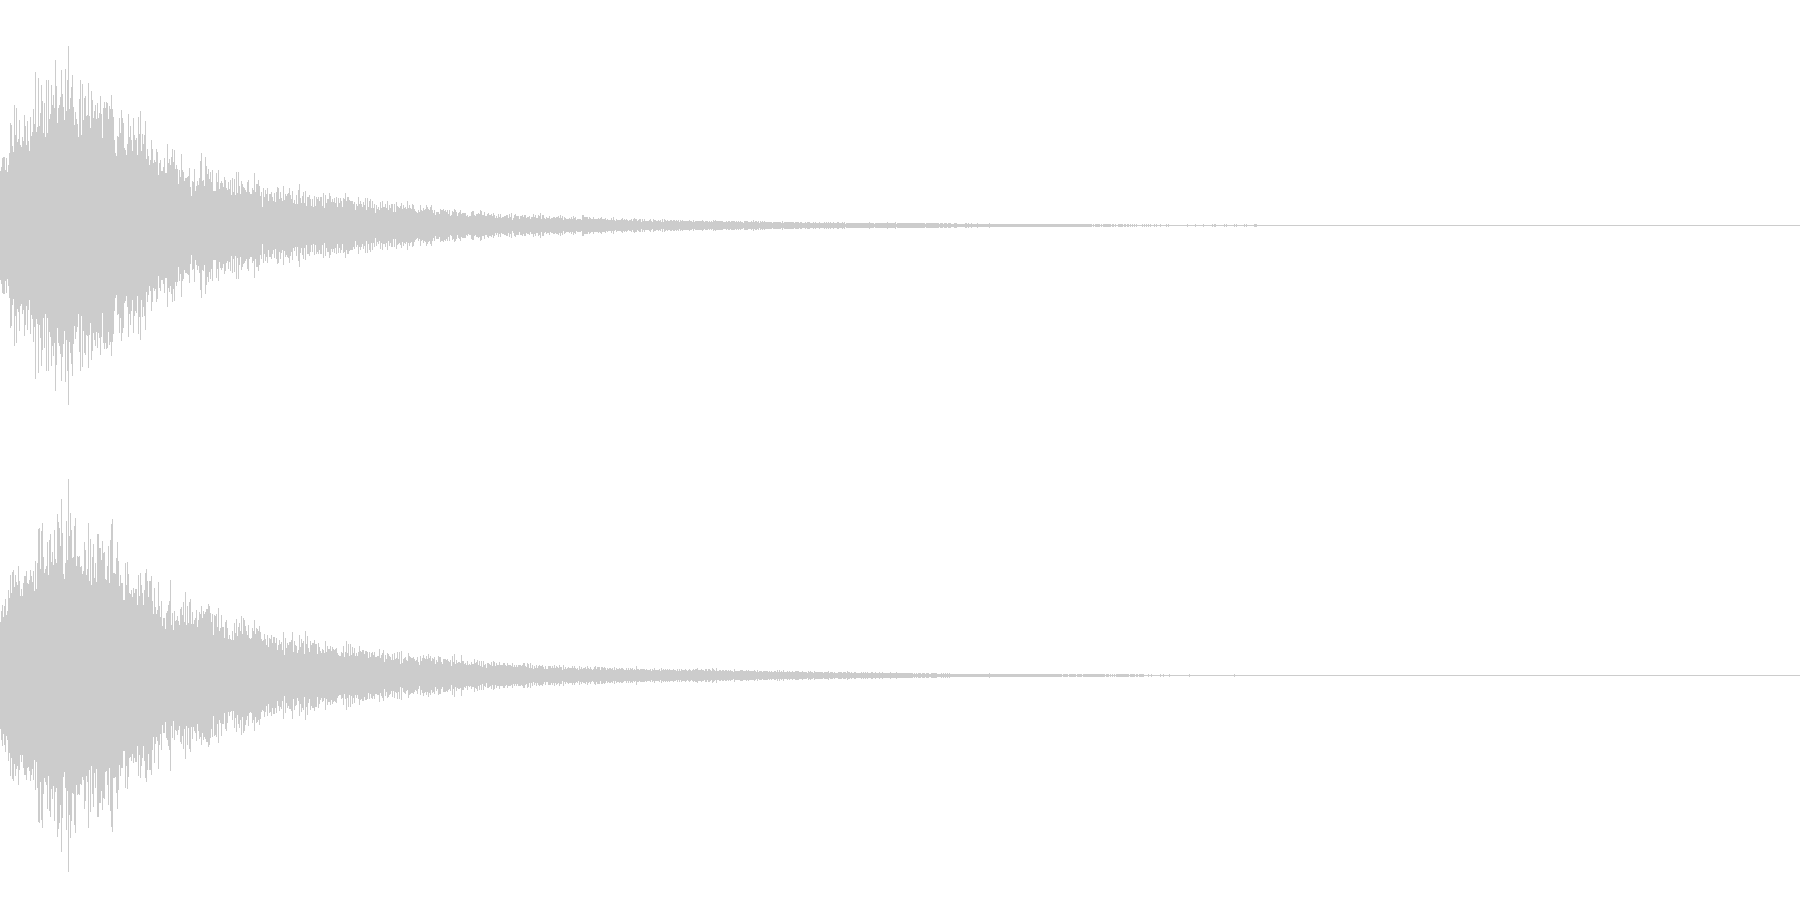 魔法シャキン(輝き,魔法ステッキ)33bの未再生の波形